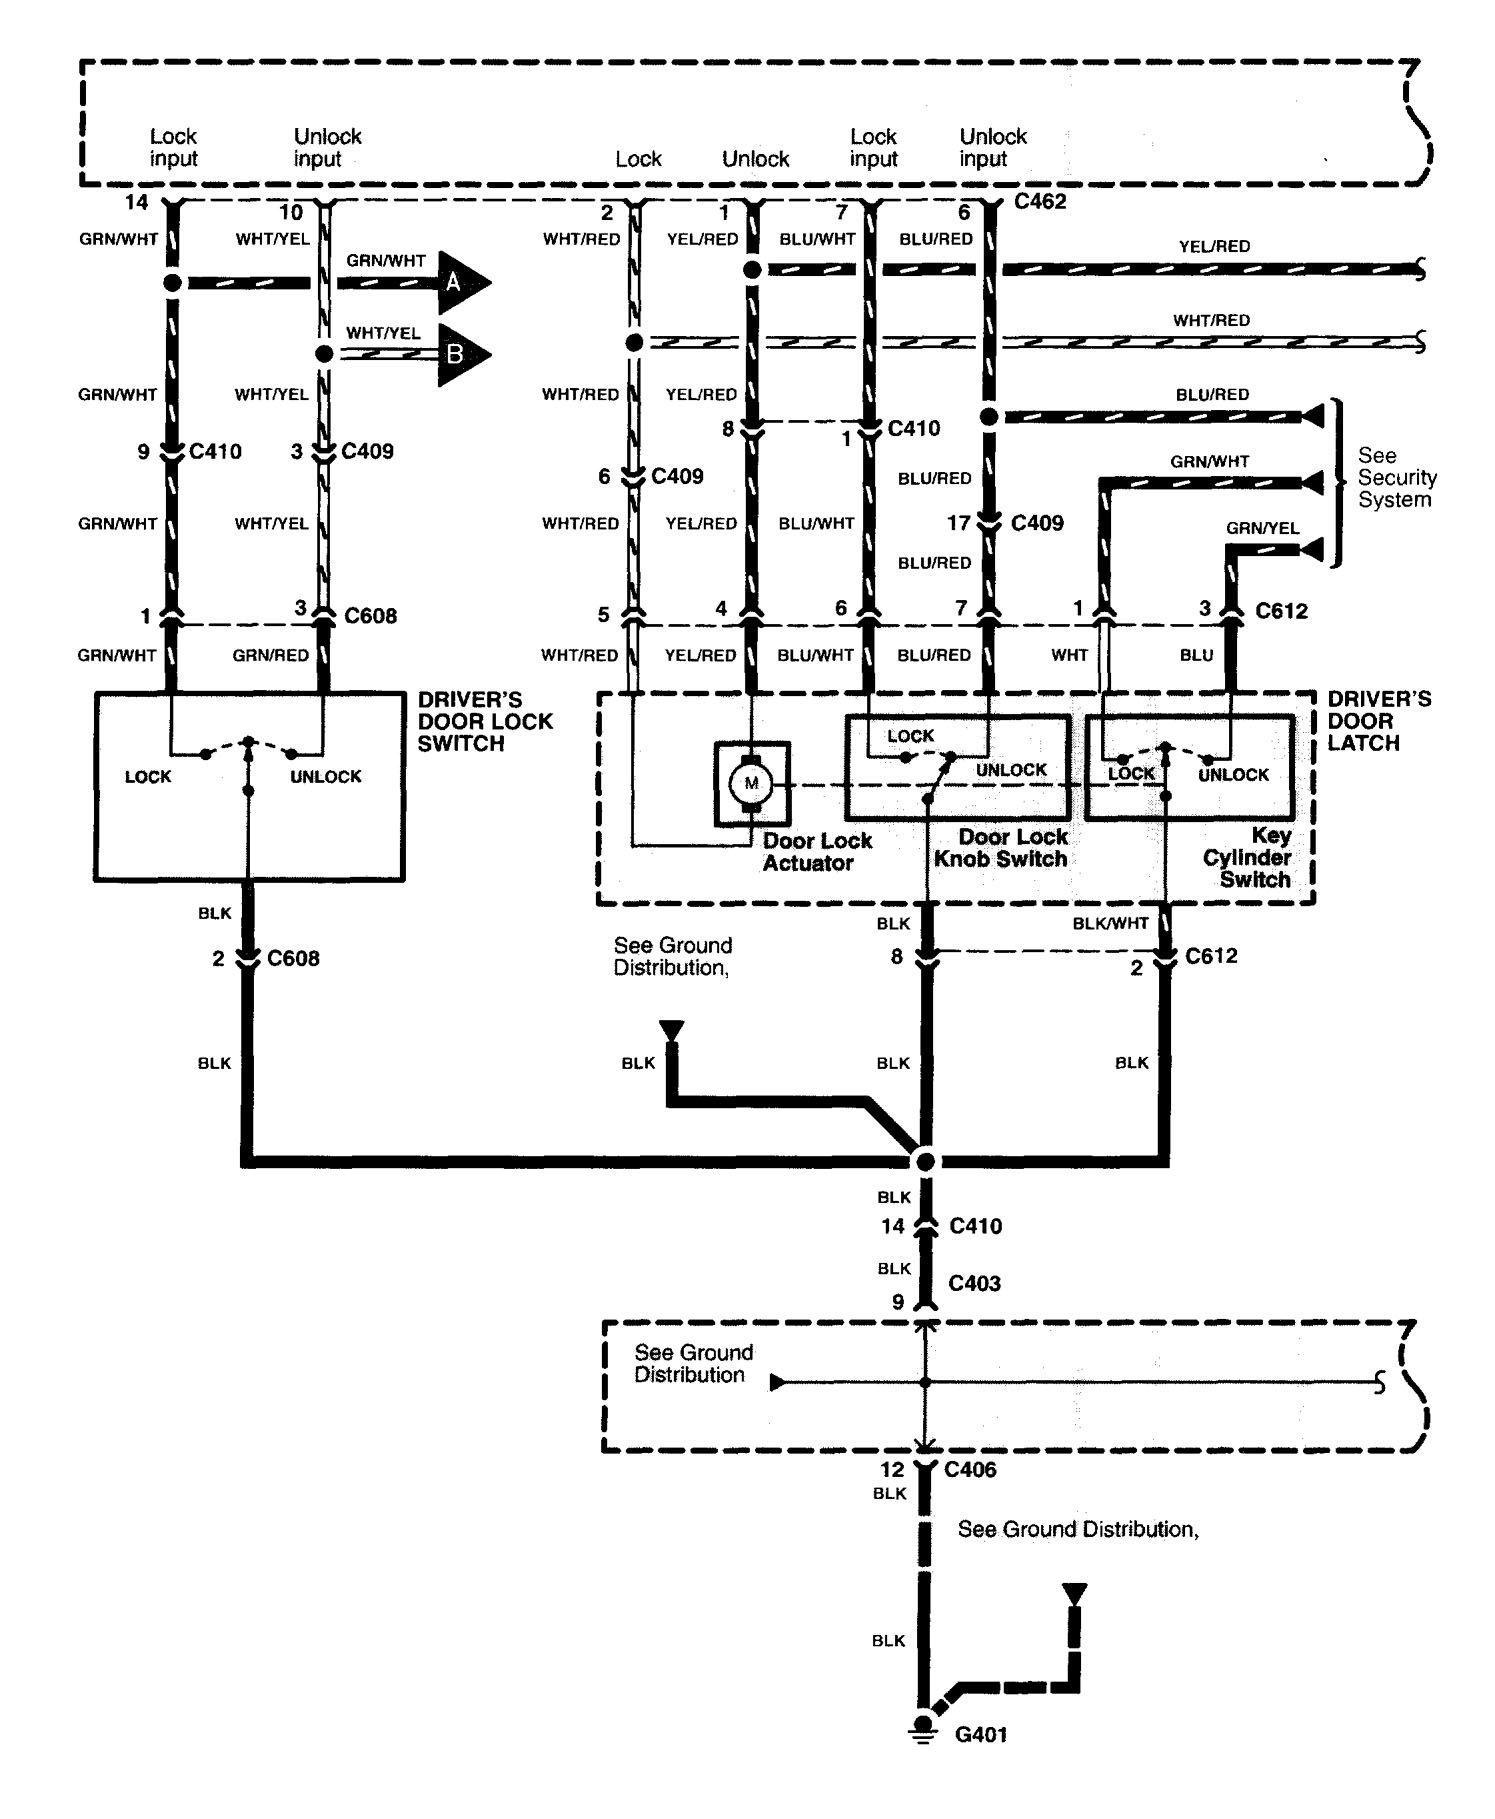 2016 bmw x1 fuse box diagram